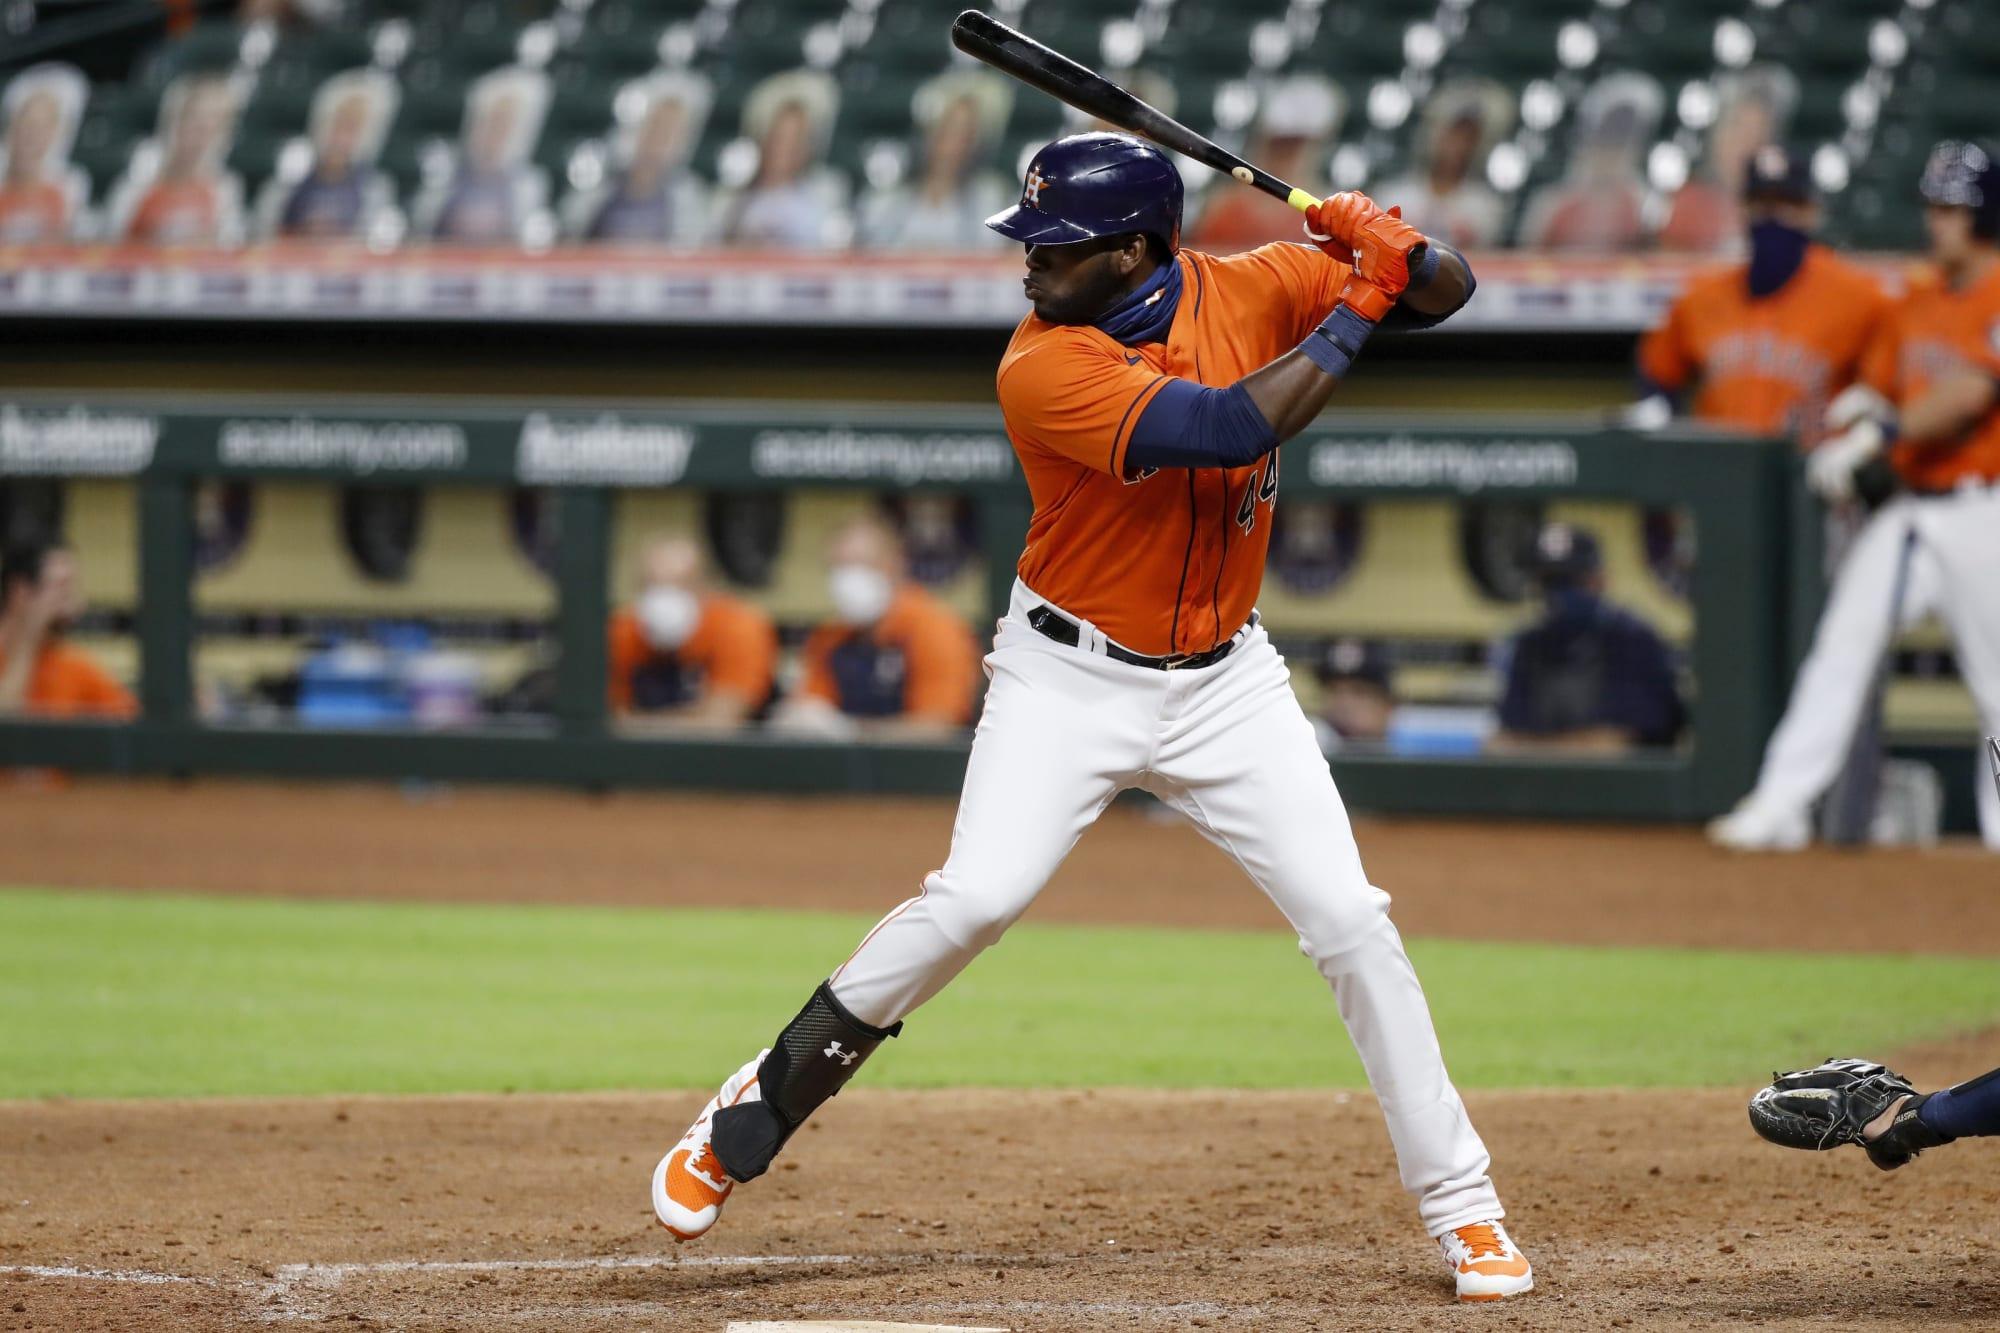 Astros: Yordan Alvarez would excel in the home run derby